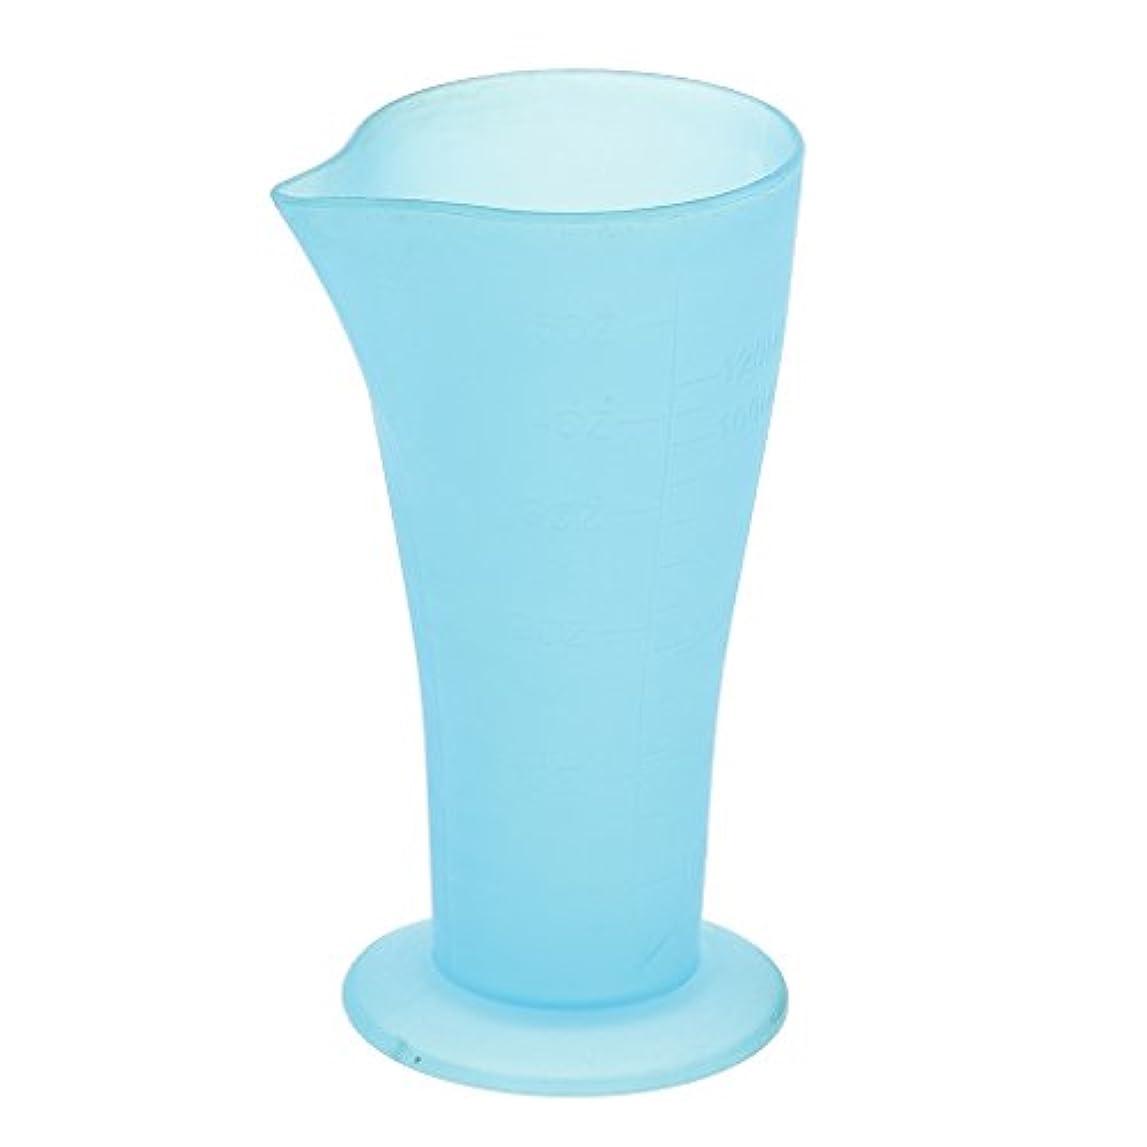 血まみれ作詞家イデオロギーToygogo 再利用可能な耐久性のある120mL 5oZクリアブループラスチック製の計量用ビーカーカップ調理用ベーカリーキッチンラボサロン